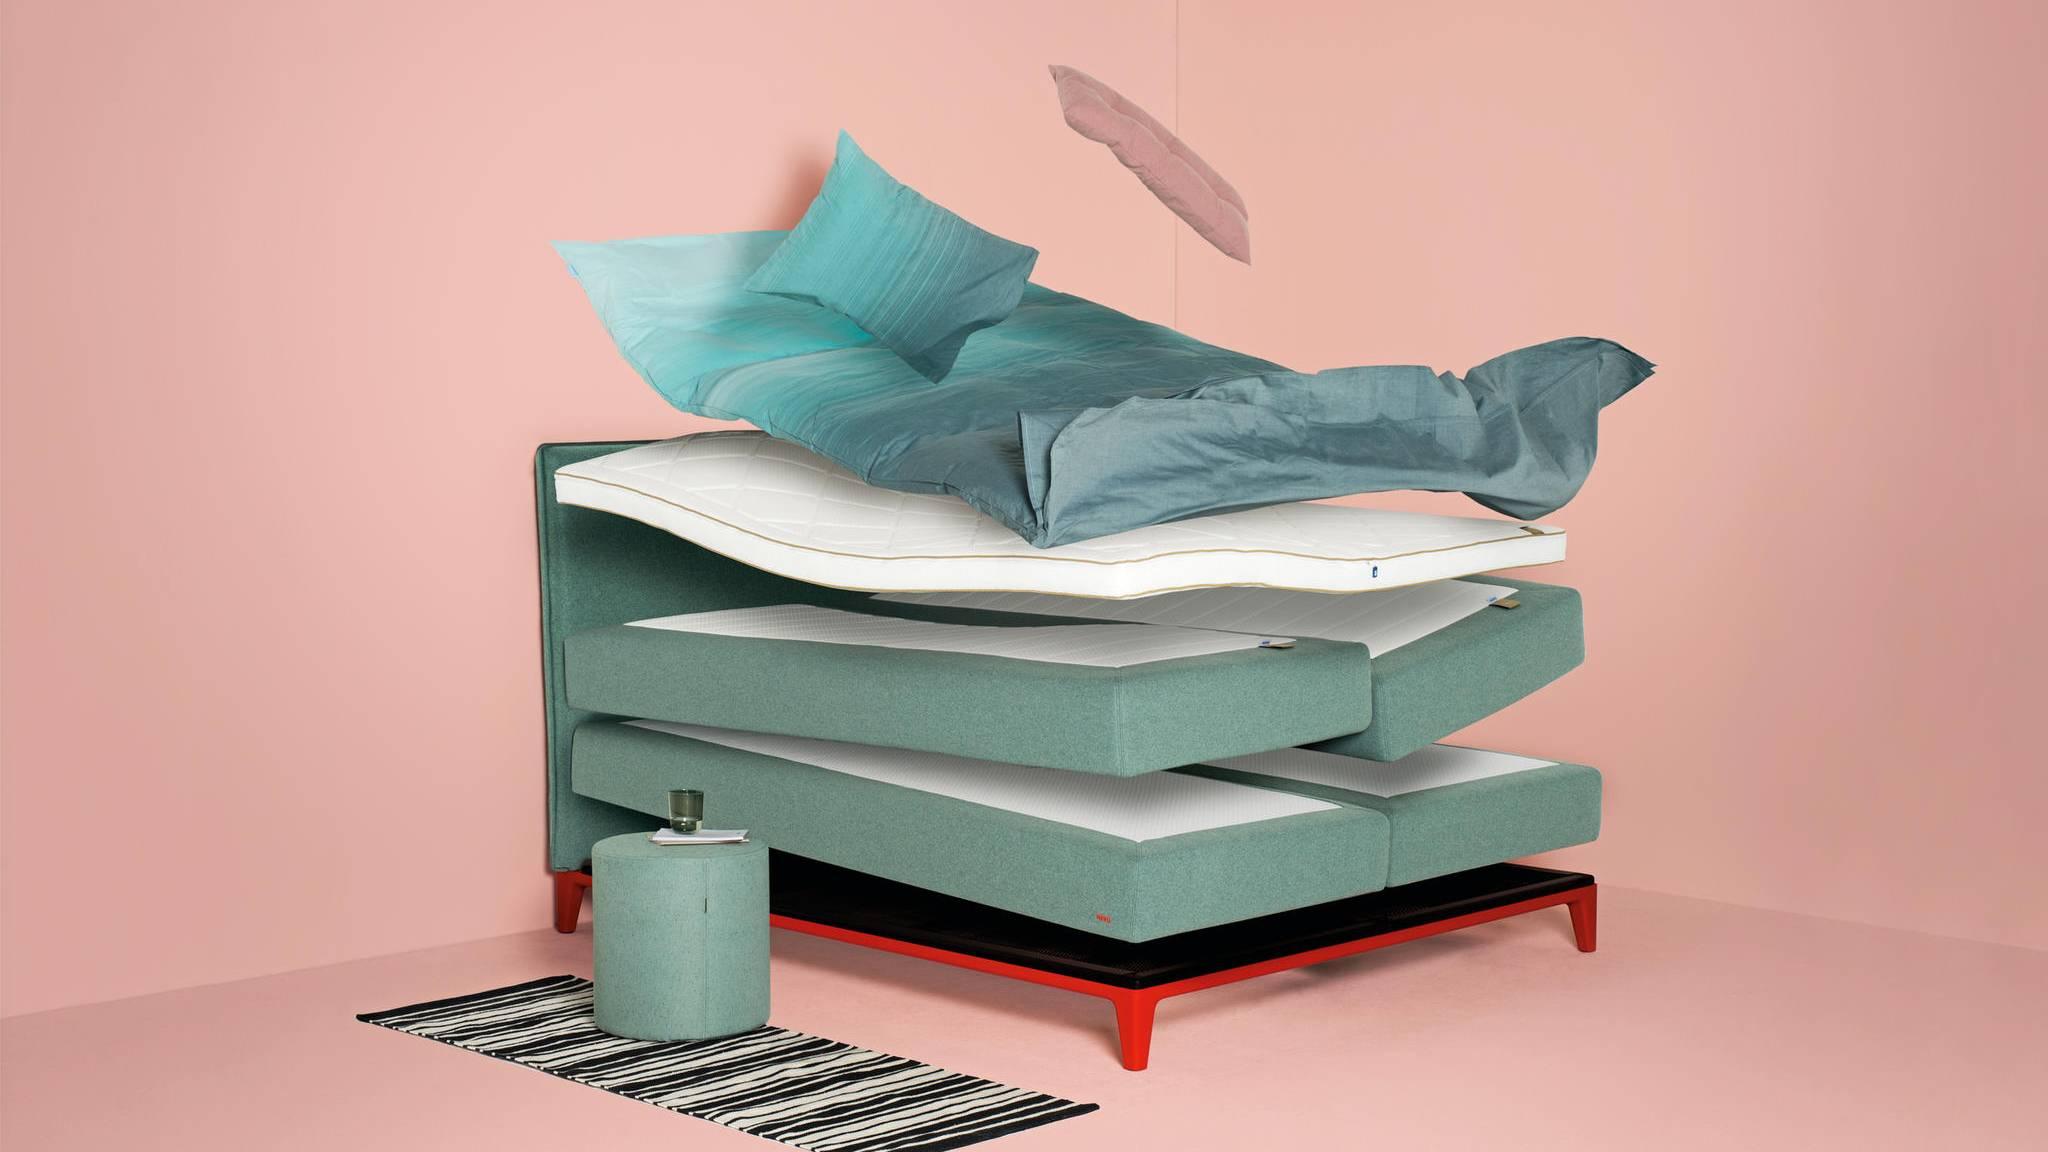 Full Size of Betten Test Was Sie Beim Bettenkauf Beachten Sollten Sternde Wohnwert Clinique Even Better Kopfteile Für Bett Weiß 180x200 Rauch 140x200 Bette Duschwanne Aus Bett Günstiges Bett